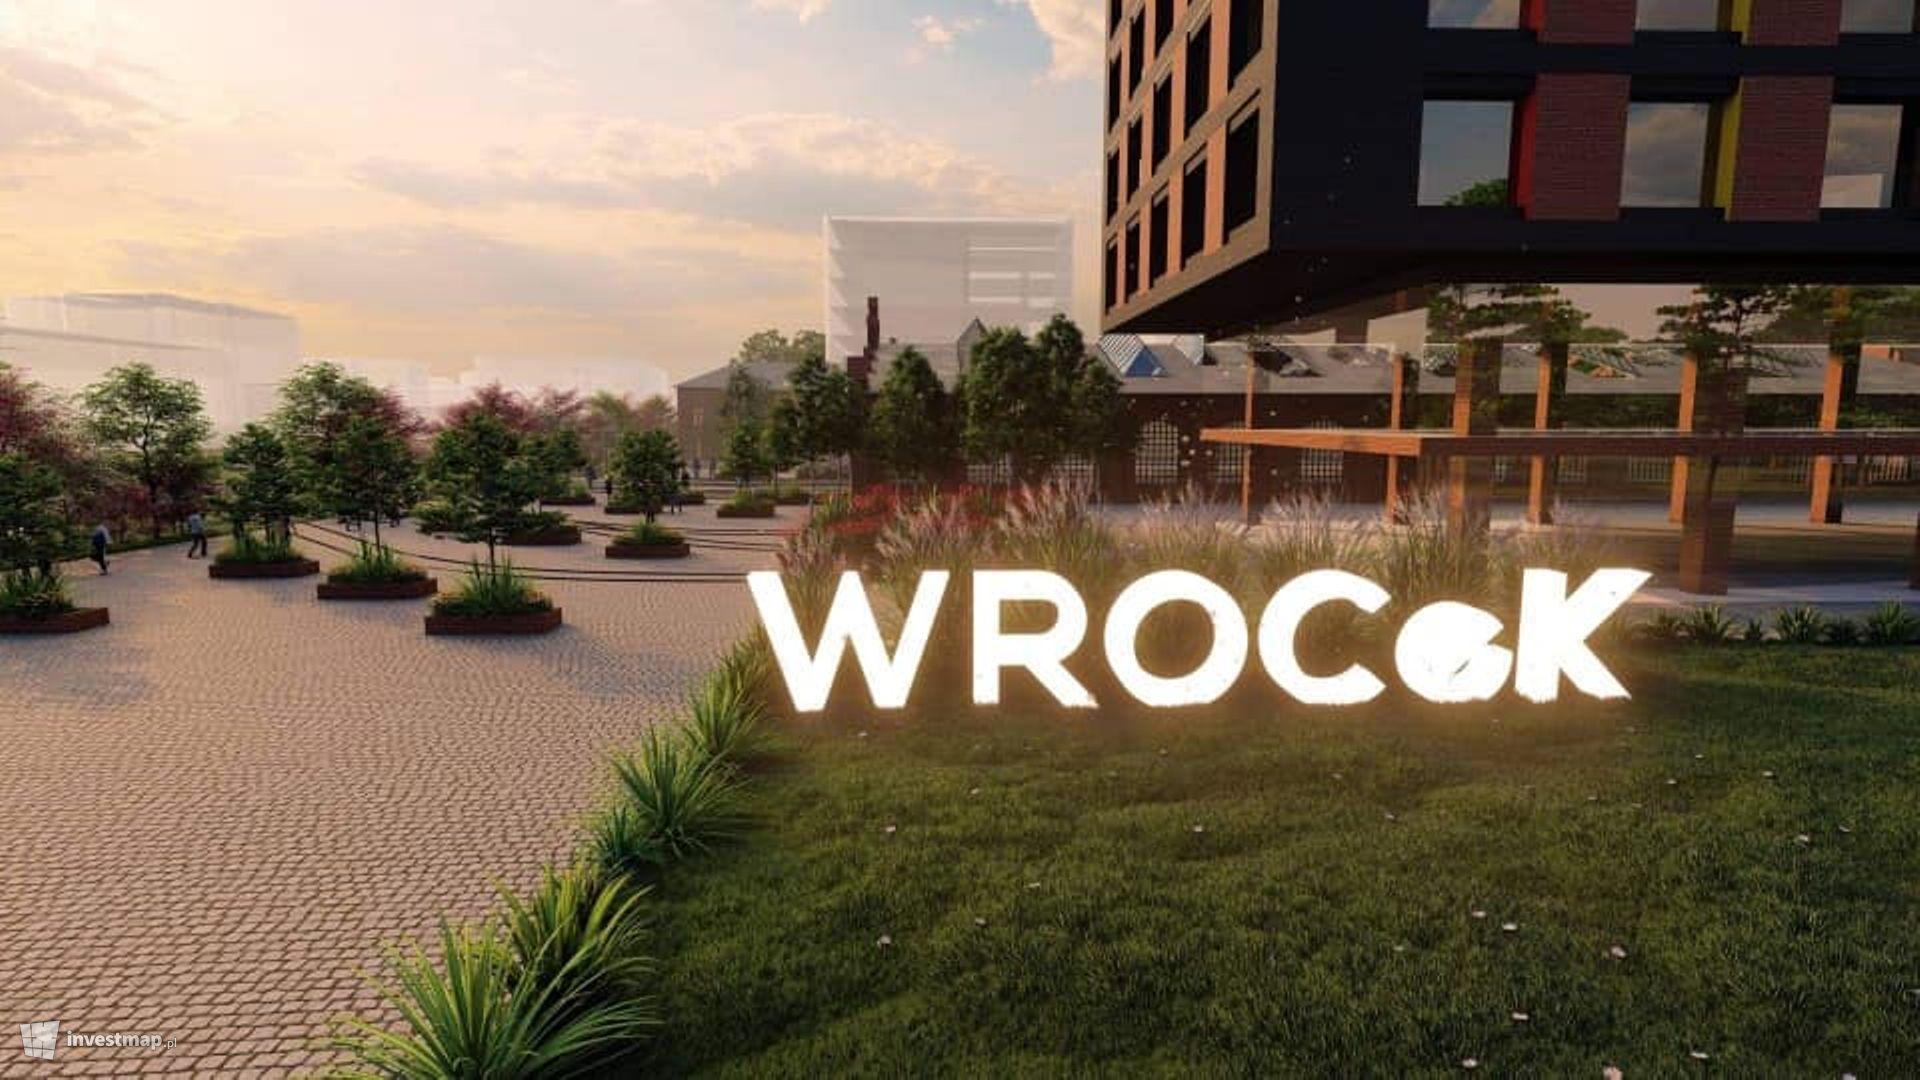 WROCeK2 - Wrocławskie Centrum Komunikacji i Kultury